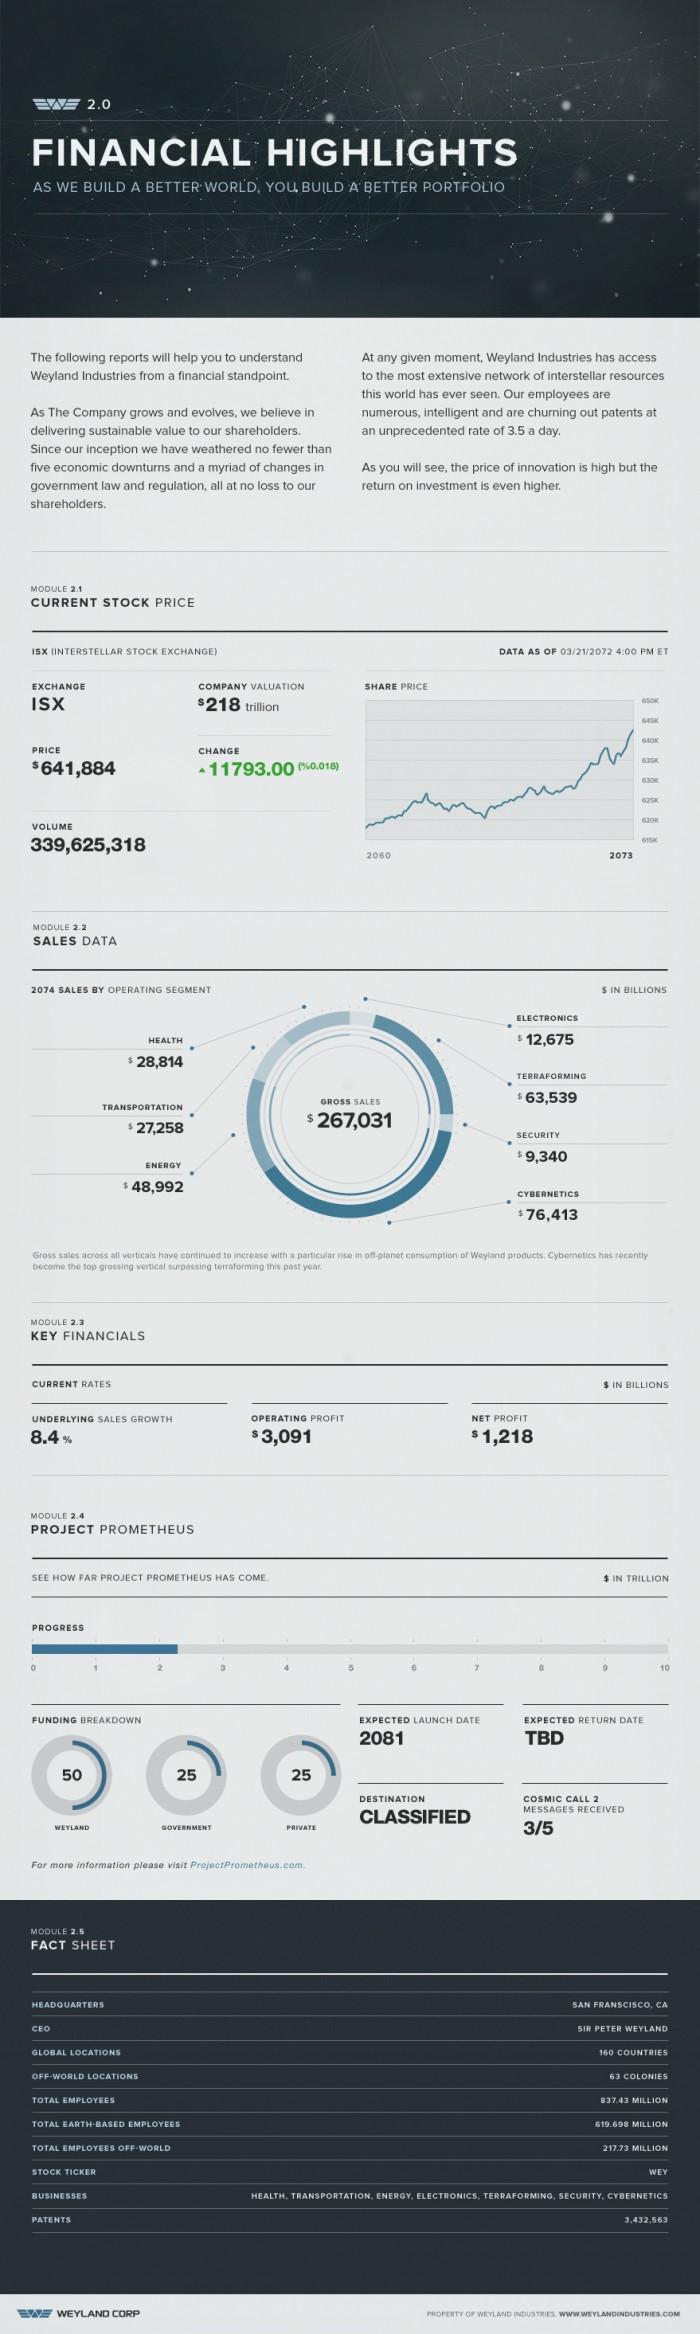 WeylandFinancialHighlights.jpg (1 MB)